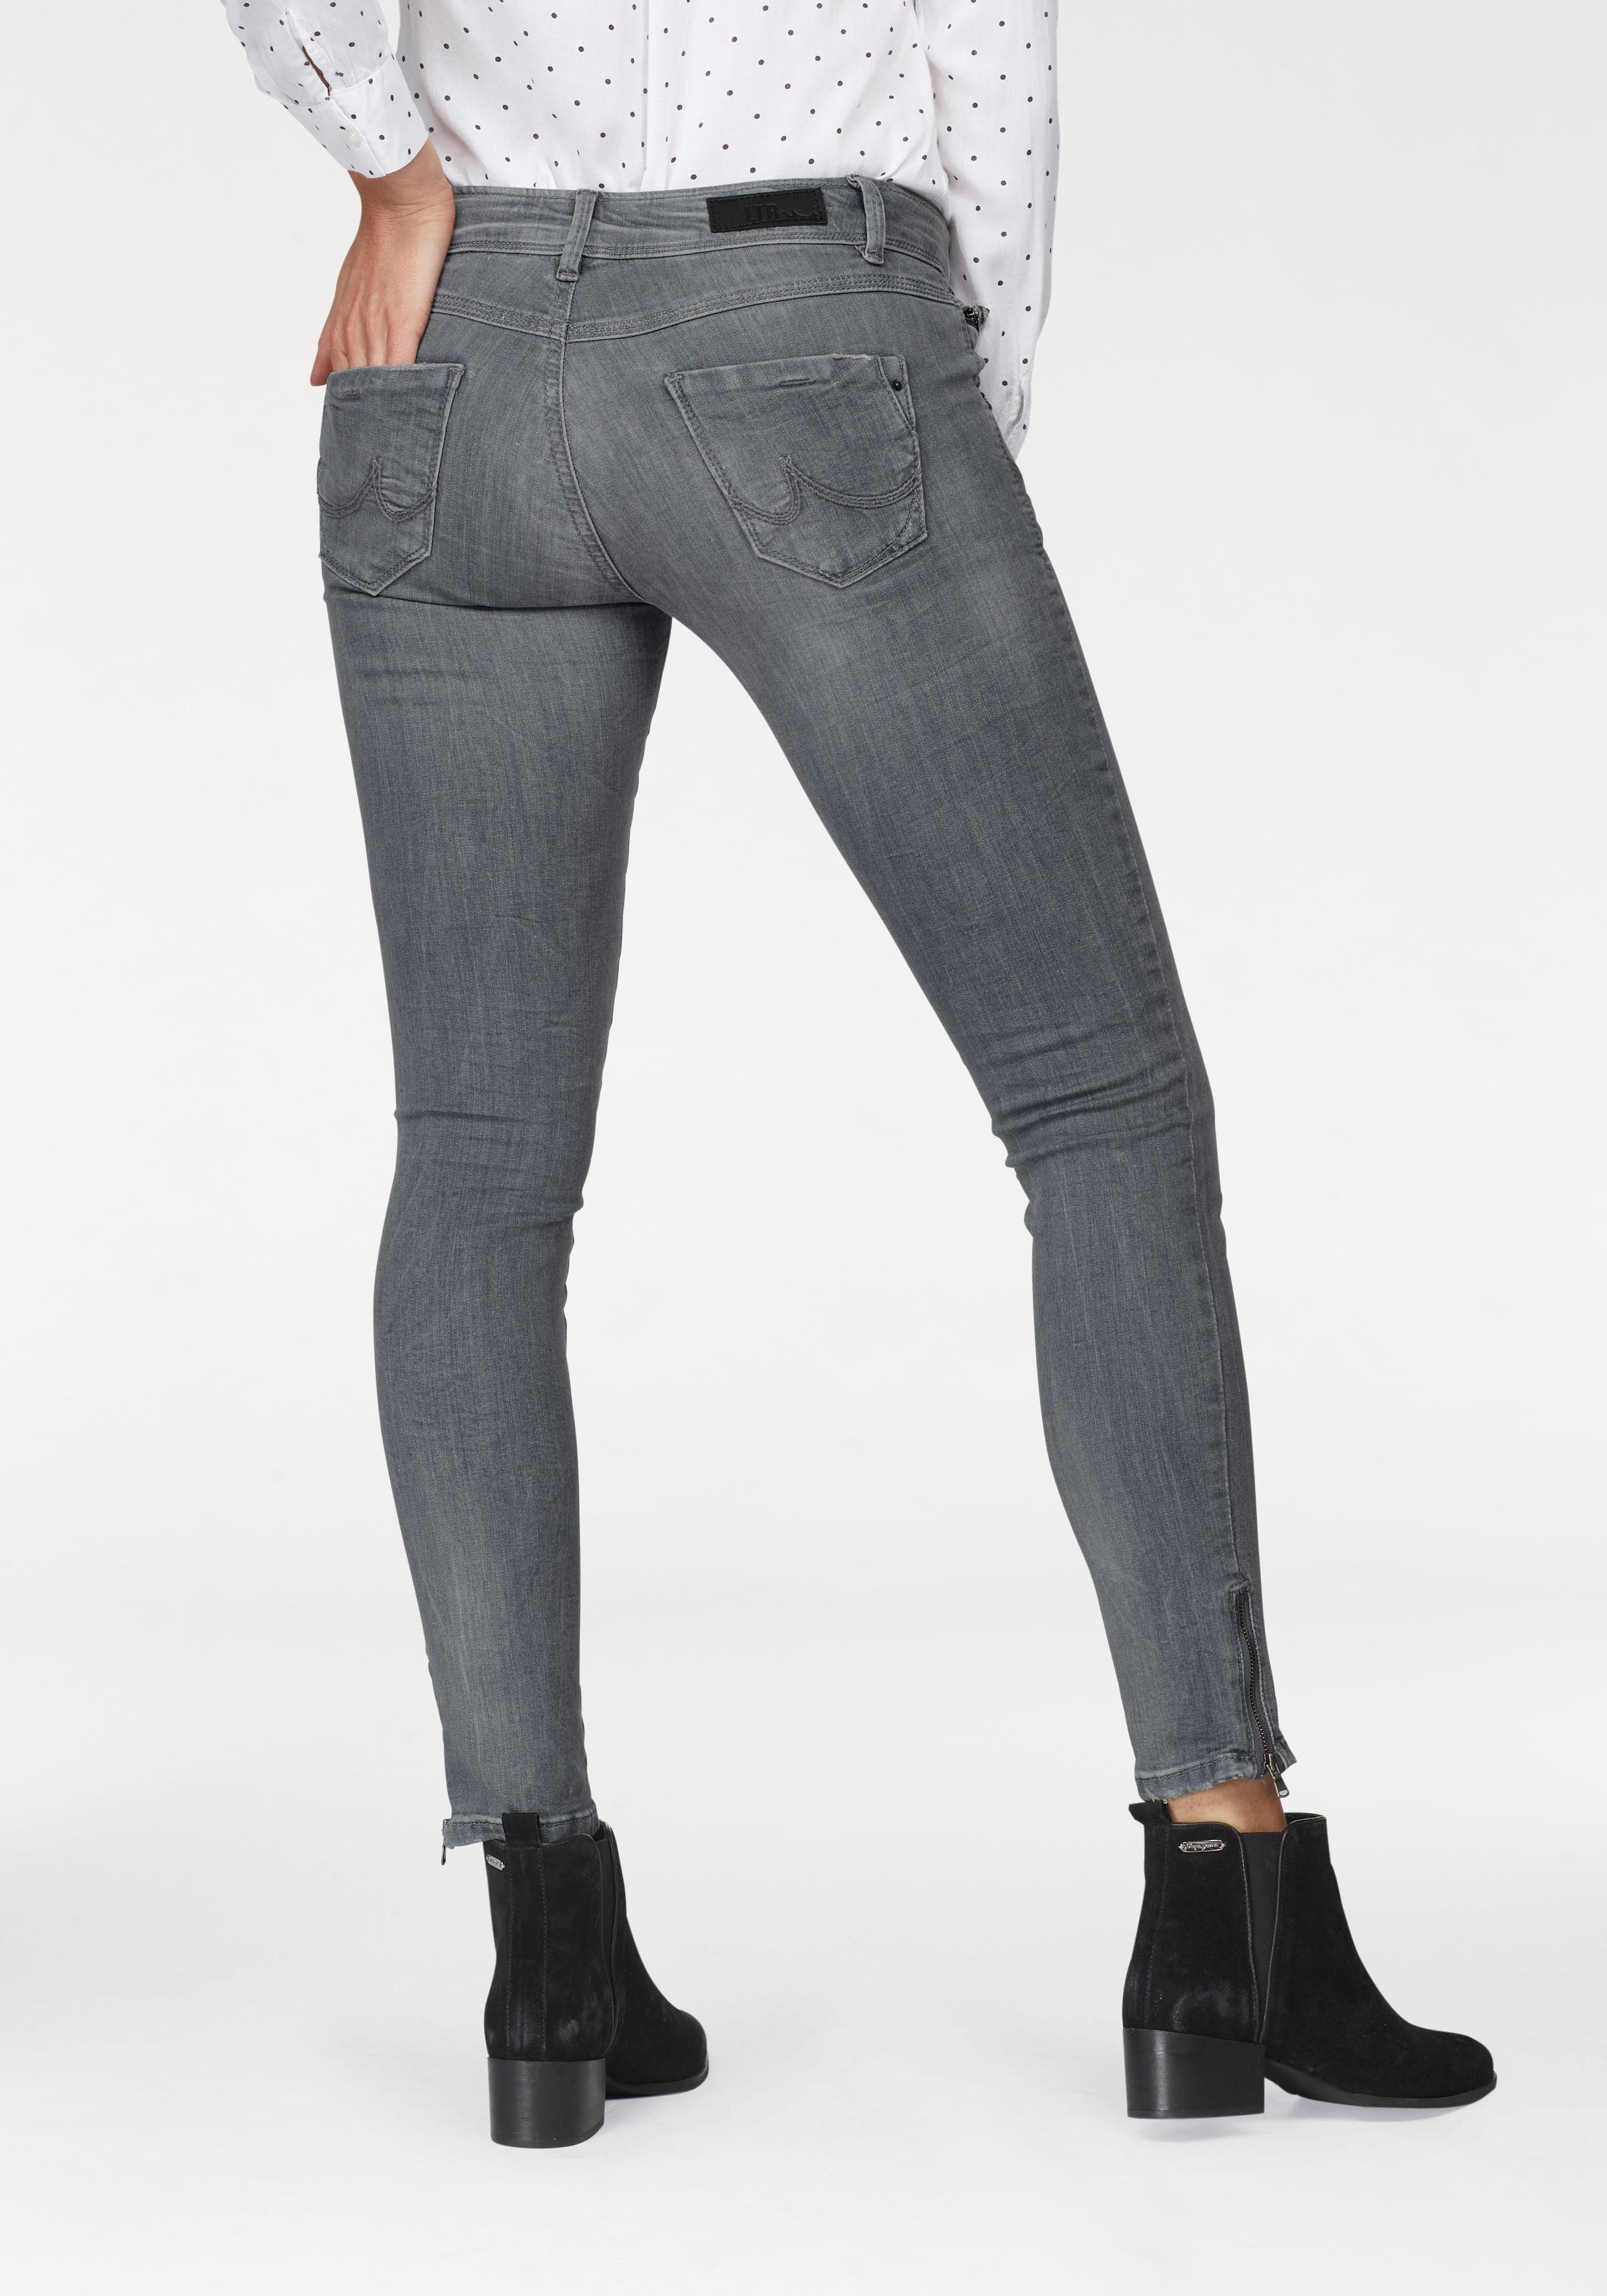 LTB Skinny fit Jeans »ROSELLA« mit verzierten Taschen online kaufen | OTTO